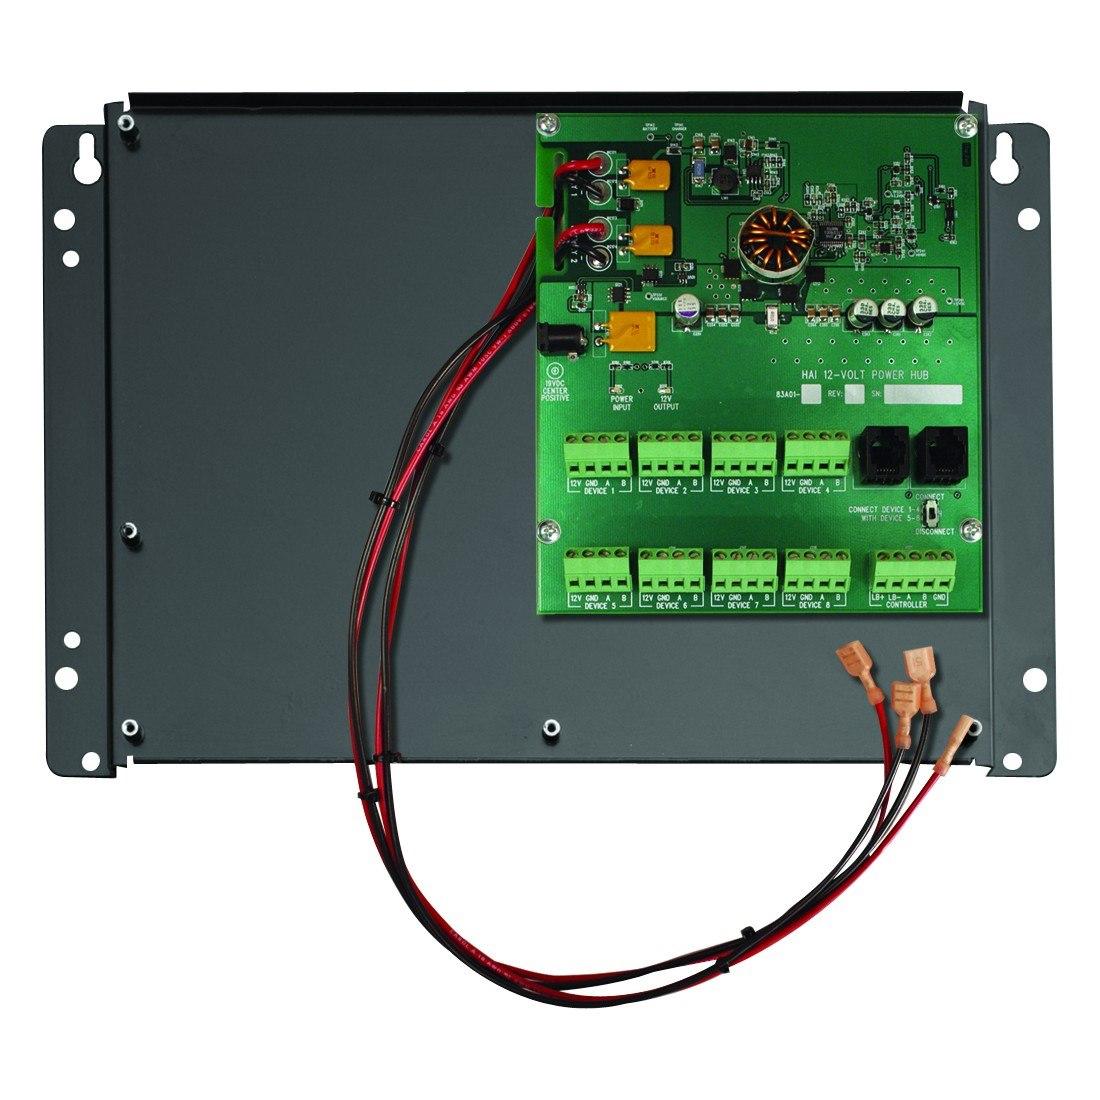 HAI 83A00-2 Power Hub